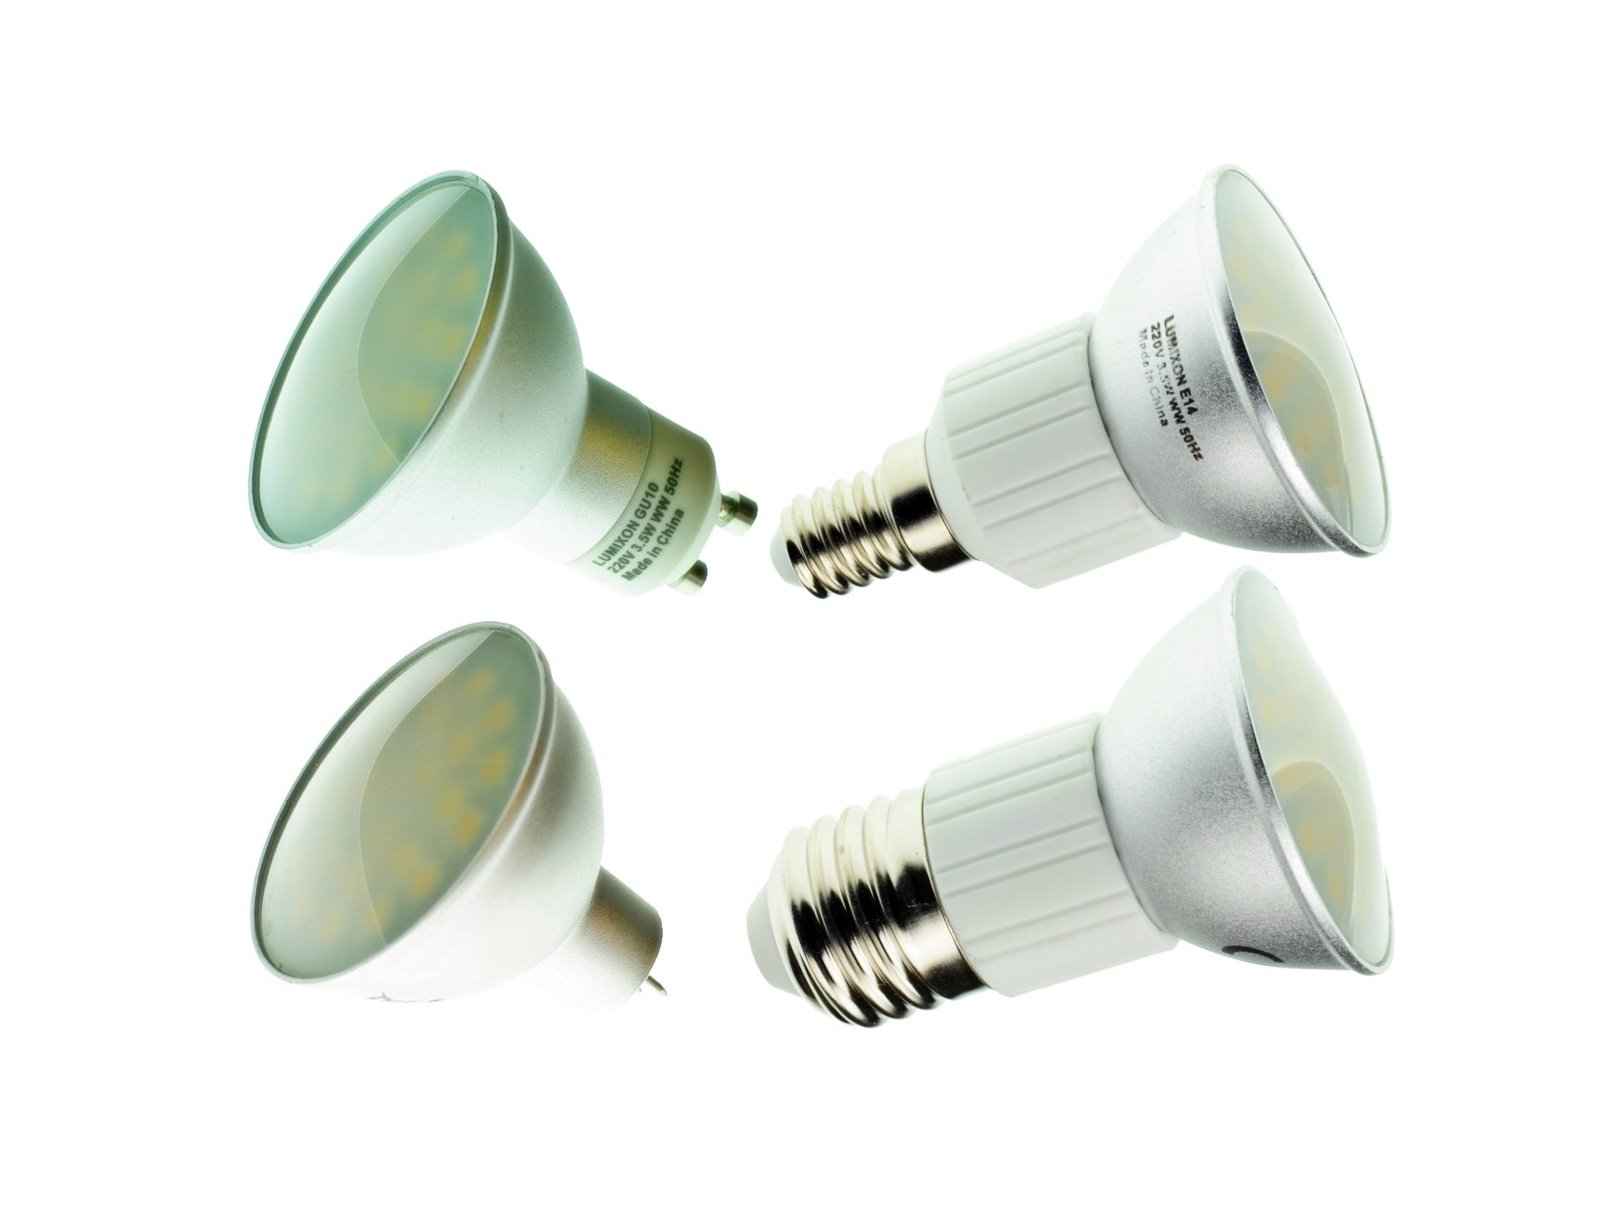 kinderzimmer leuchte lampe licht kinder deckenlampe wandlampe junge boy led ebay. Black Bedroom Furniture Sets. Home Design Ideas